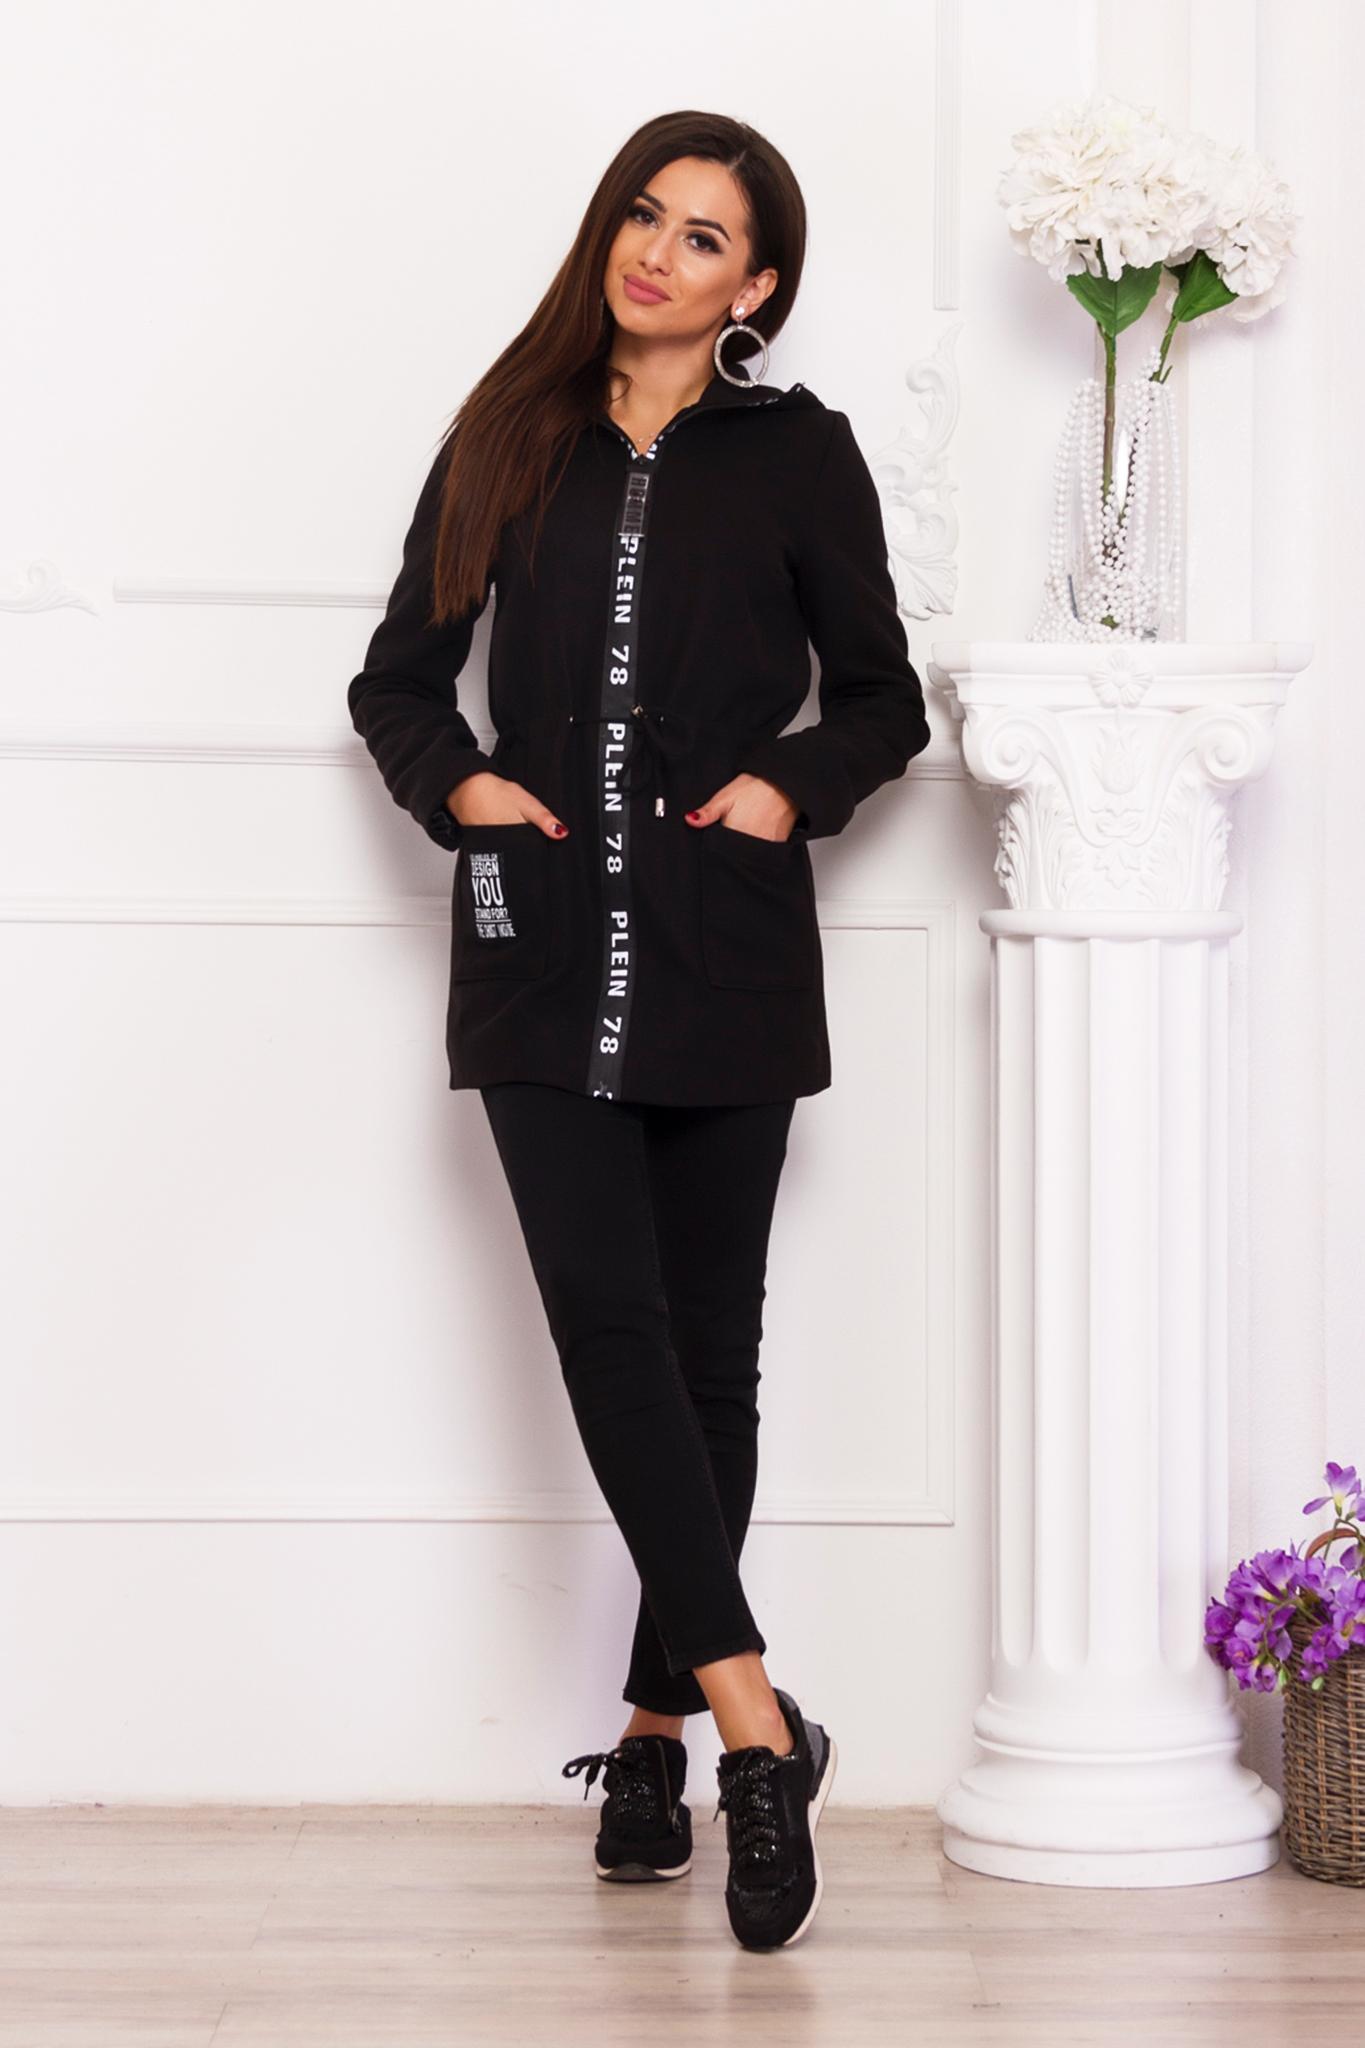 e09f1f45246d Большой асортимент женской одежды оптом и по системе дропшиппинг!!!!!!Свое  производство!Отличное качестрво по супер-цене!!!